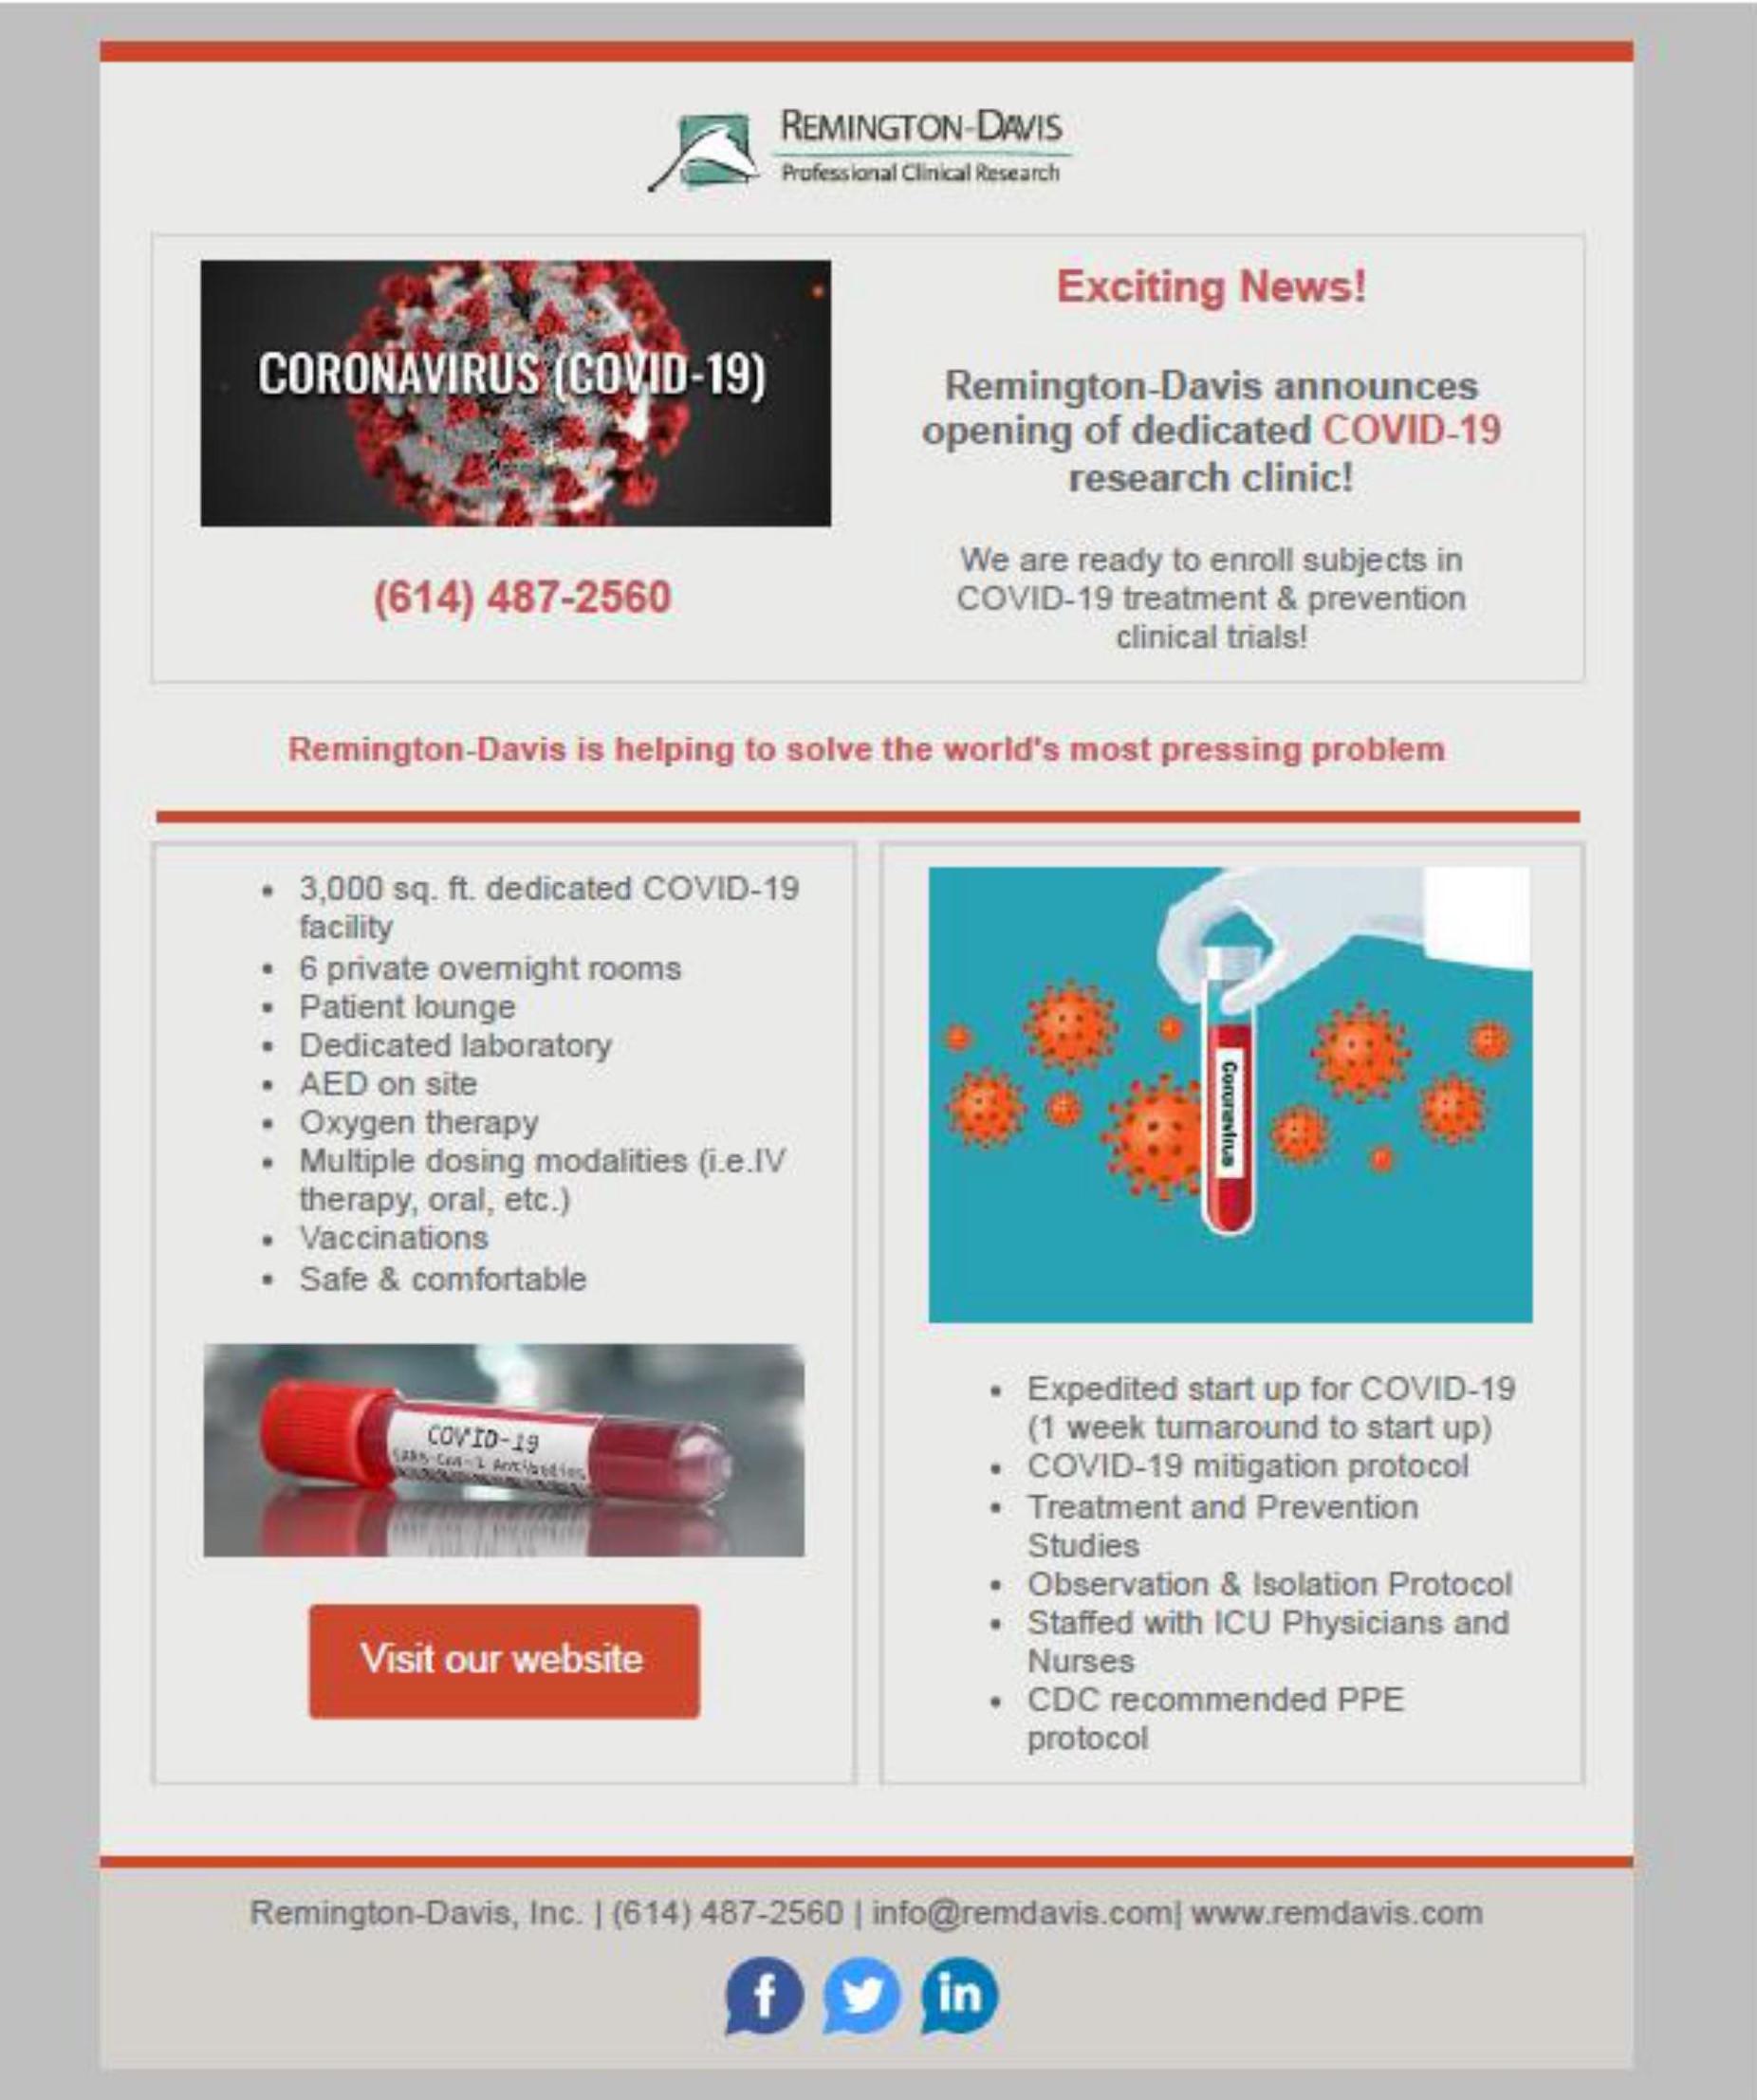 Remington-Davis launches dedicated COVID-19 research unit in Ohio